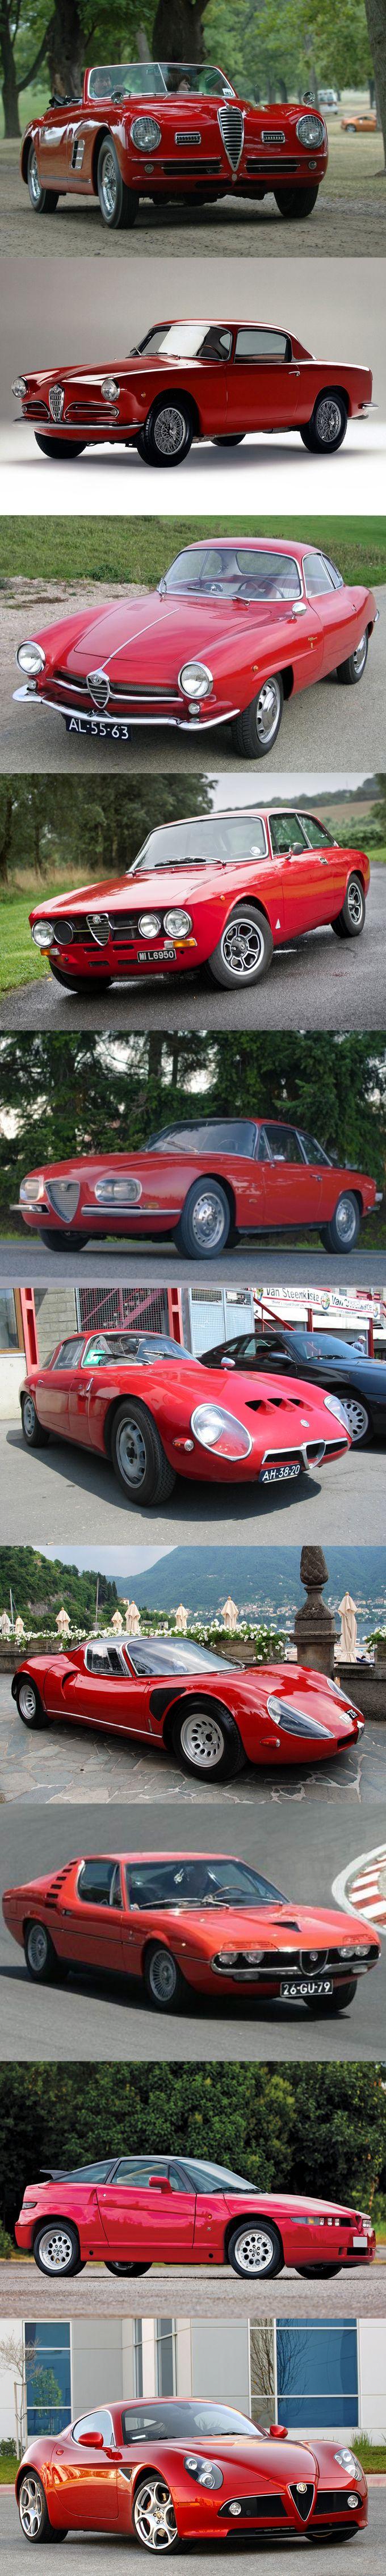 Alfa Romeo - supercar / 1949 6C 2500 / 1950 1900 Sprint / 1959 Giulietta SS / 1960 2000 Sprint / 1961 2600 Sprint Zagato / 1963 Giulia TZ / 1967 33 Stradale / 1970 Montreal / 1989 SZ / 2007 8C Competizione / red / Italy